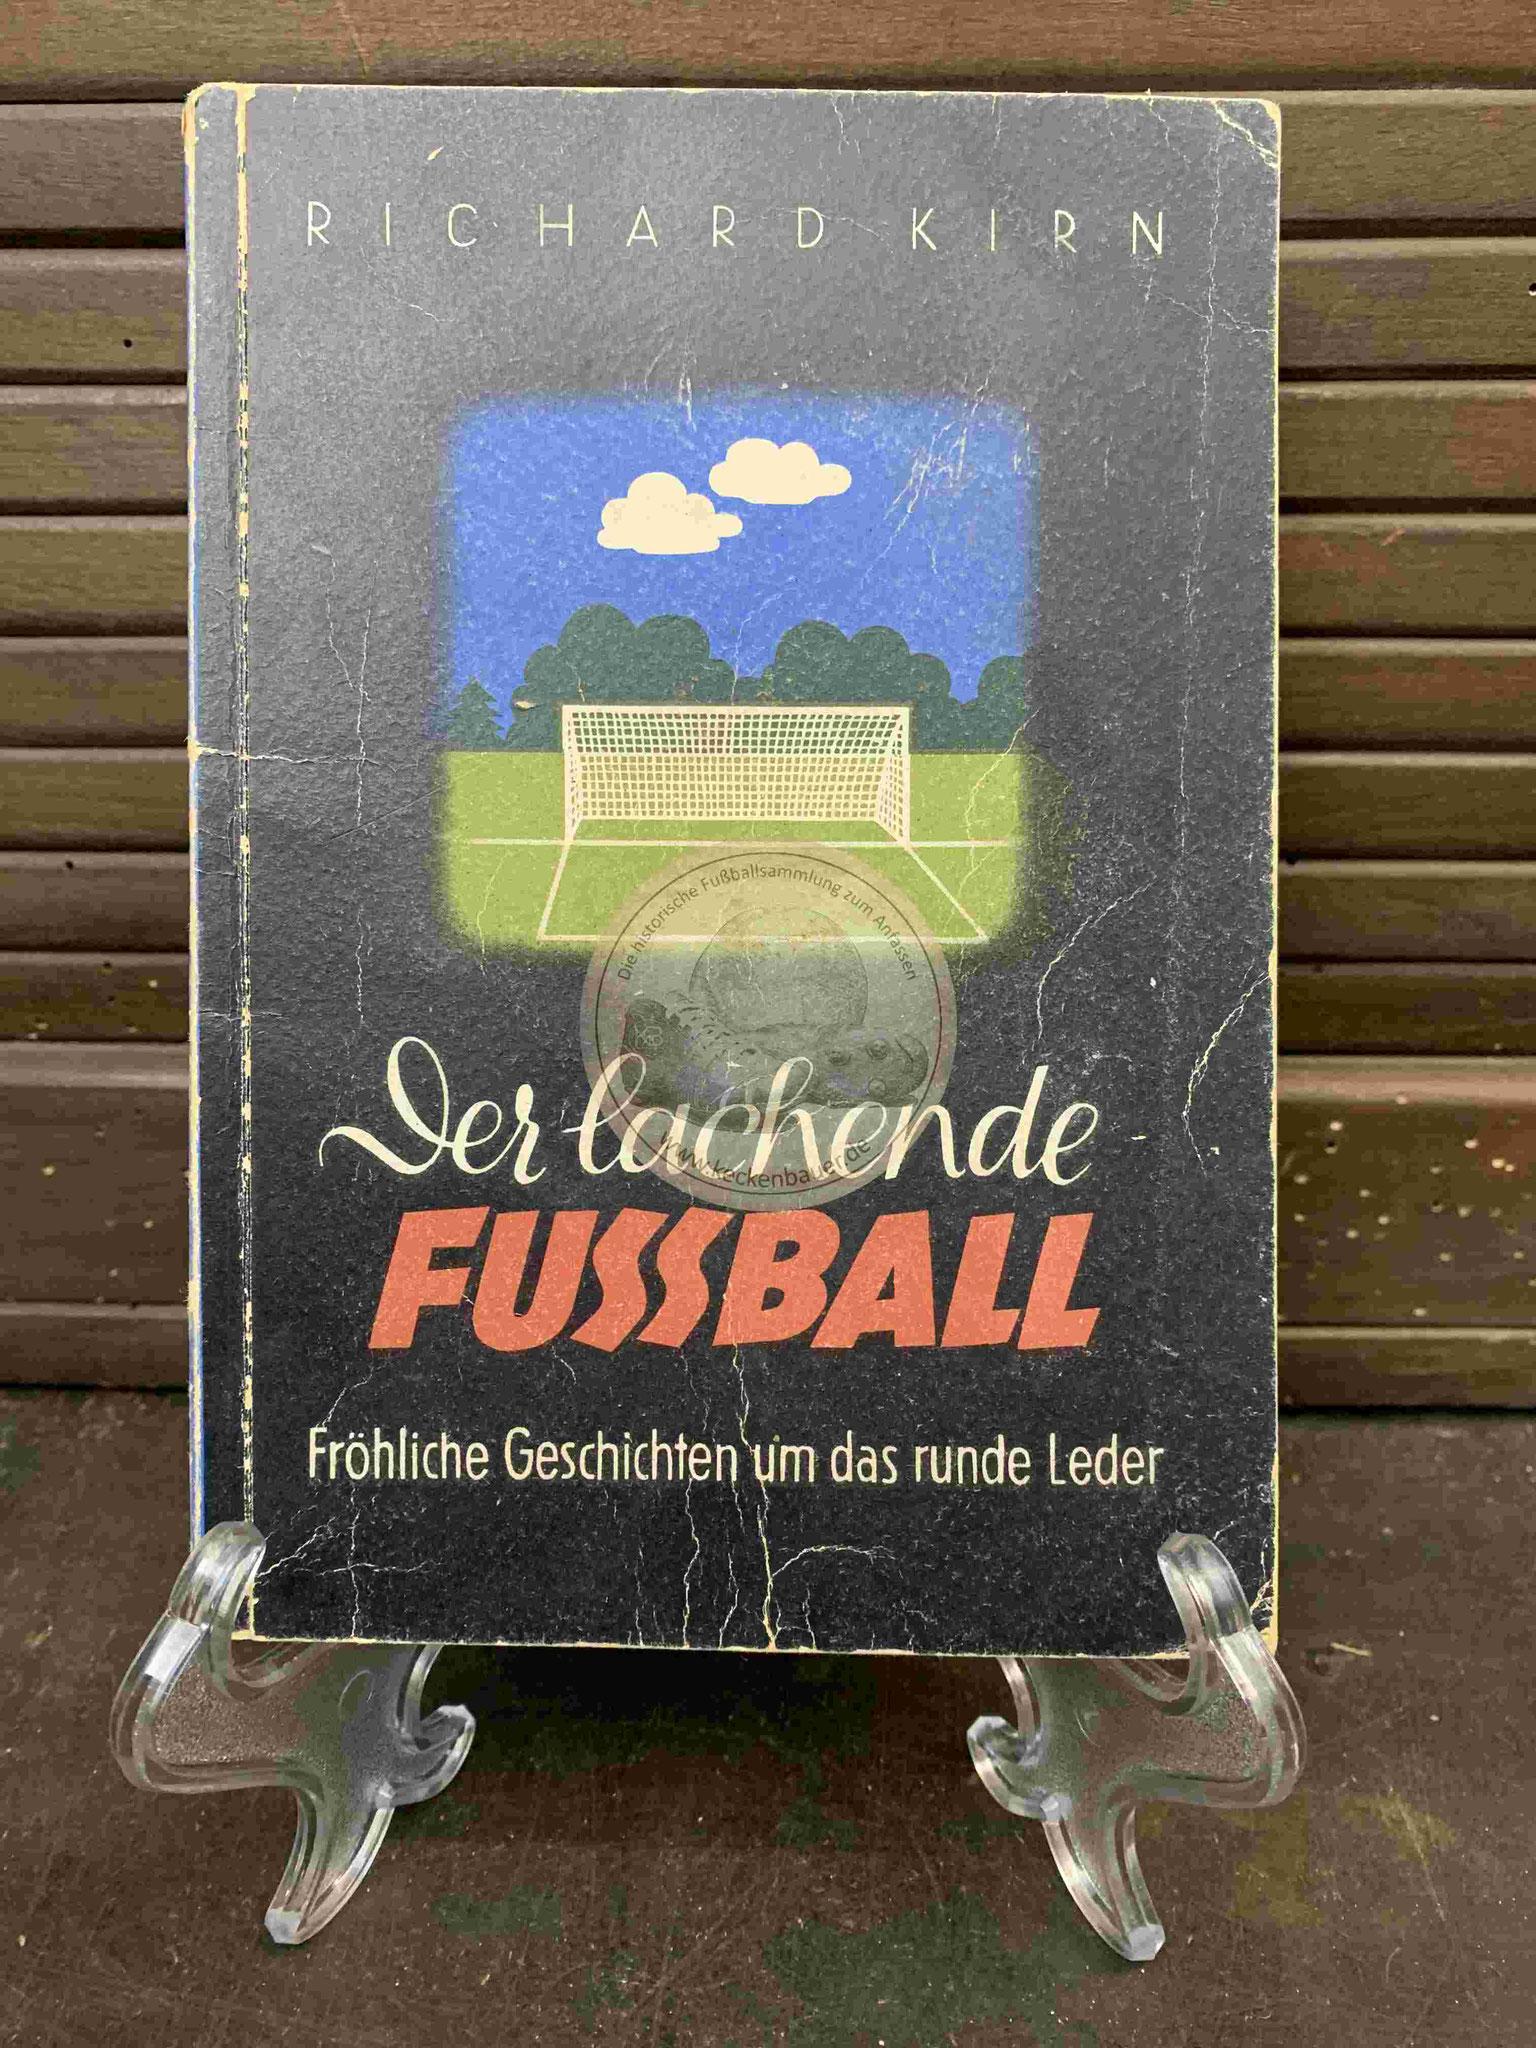 Der lachende Fussball Fröhliche Geschichten um das runde Leder von Richard Kirn aus dem Jahr 1942